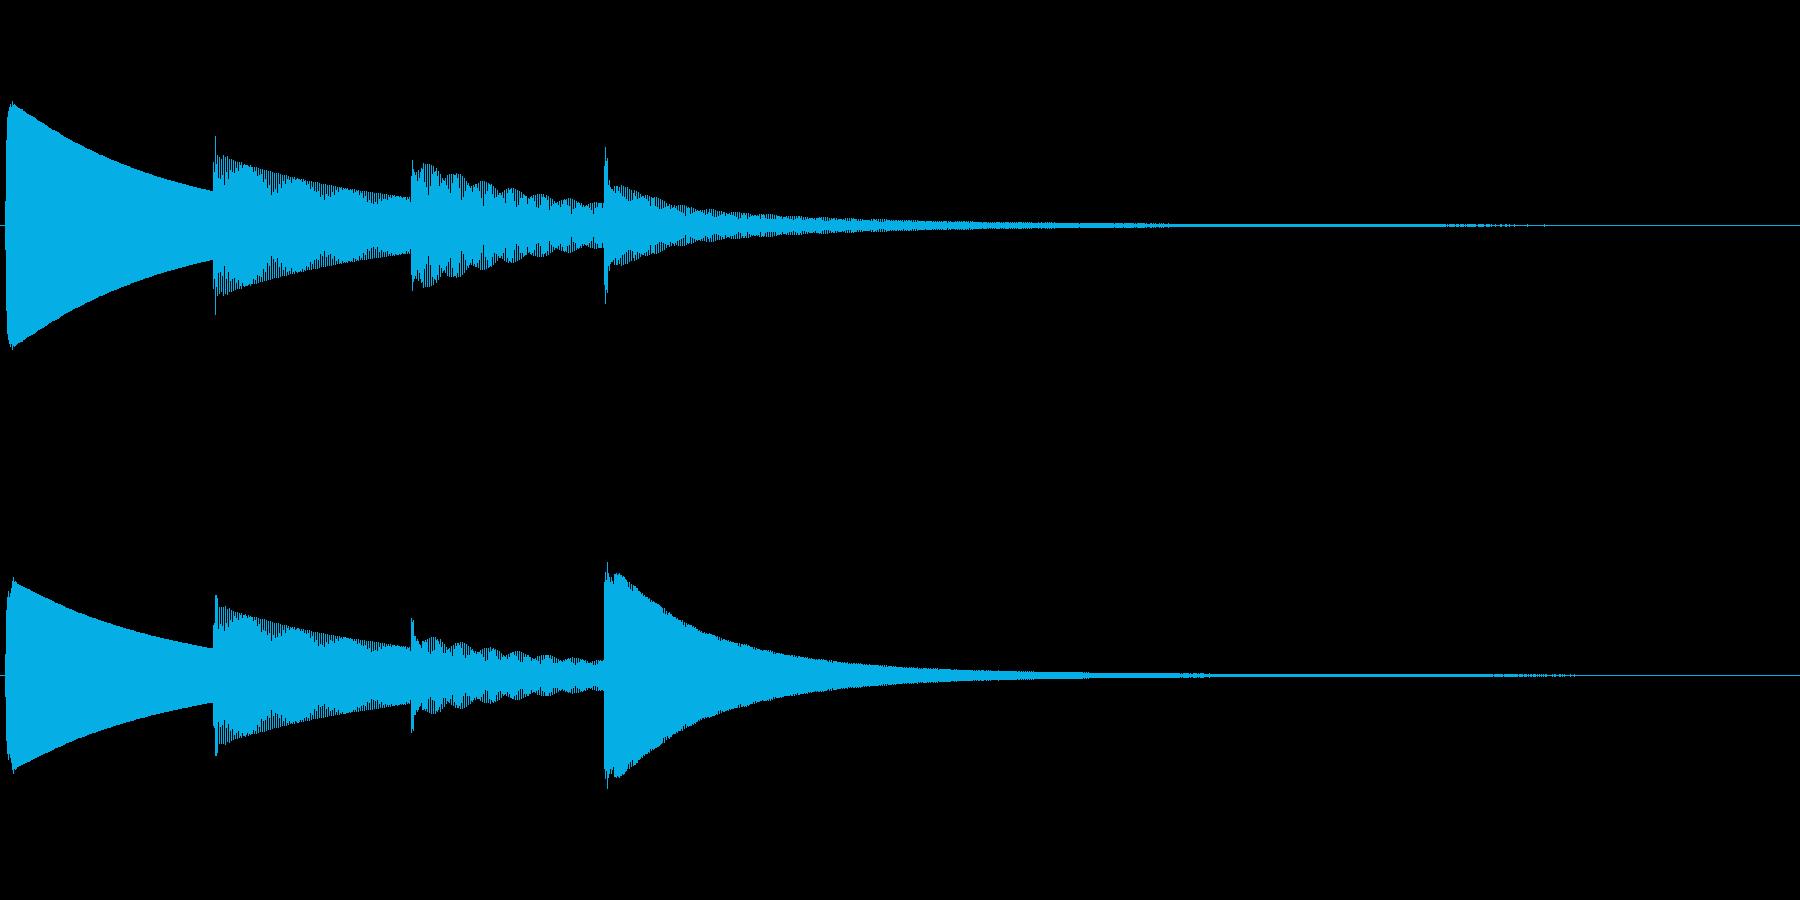 ピンポンパンポン(上昇)お知らせチャイムの再生済みの波形